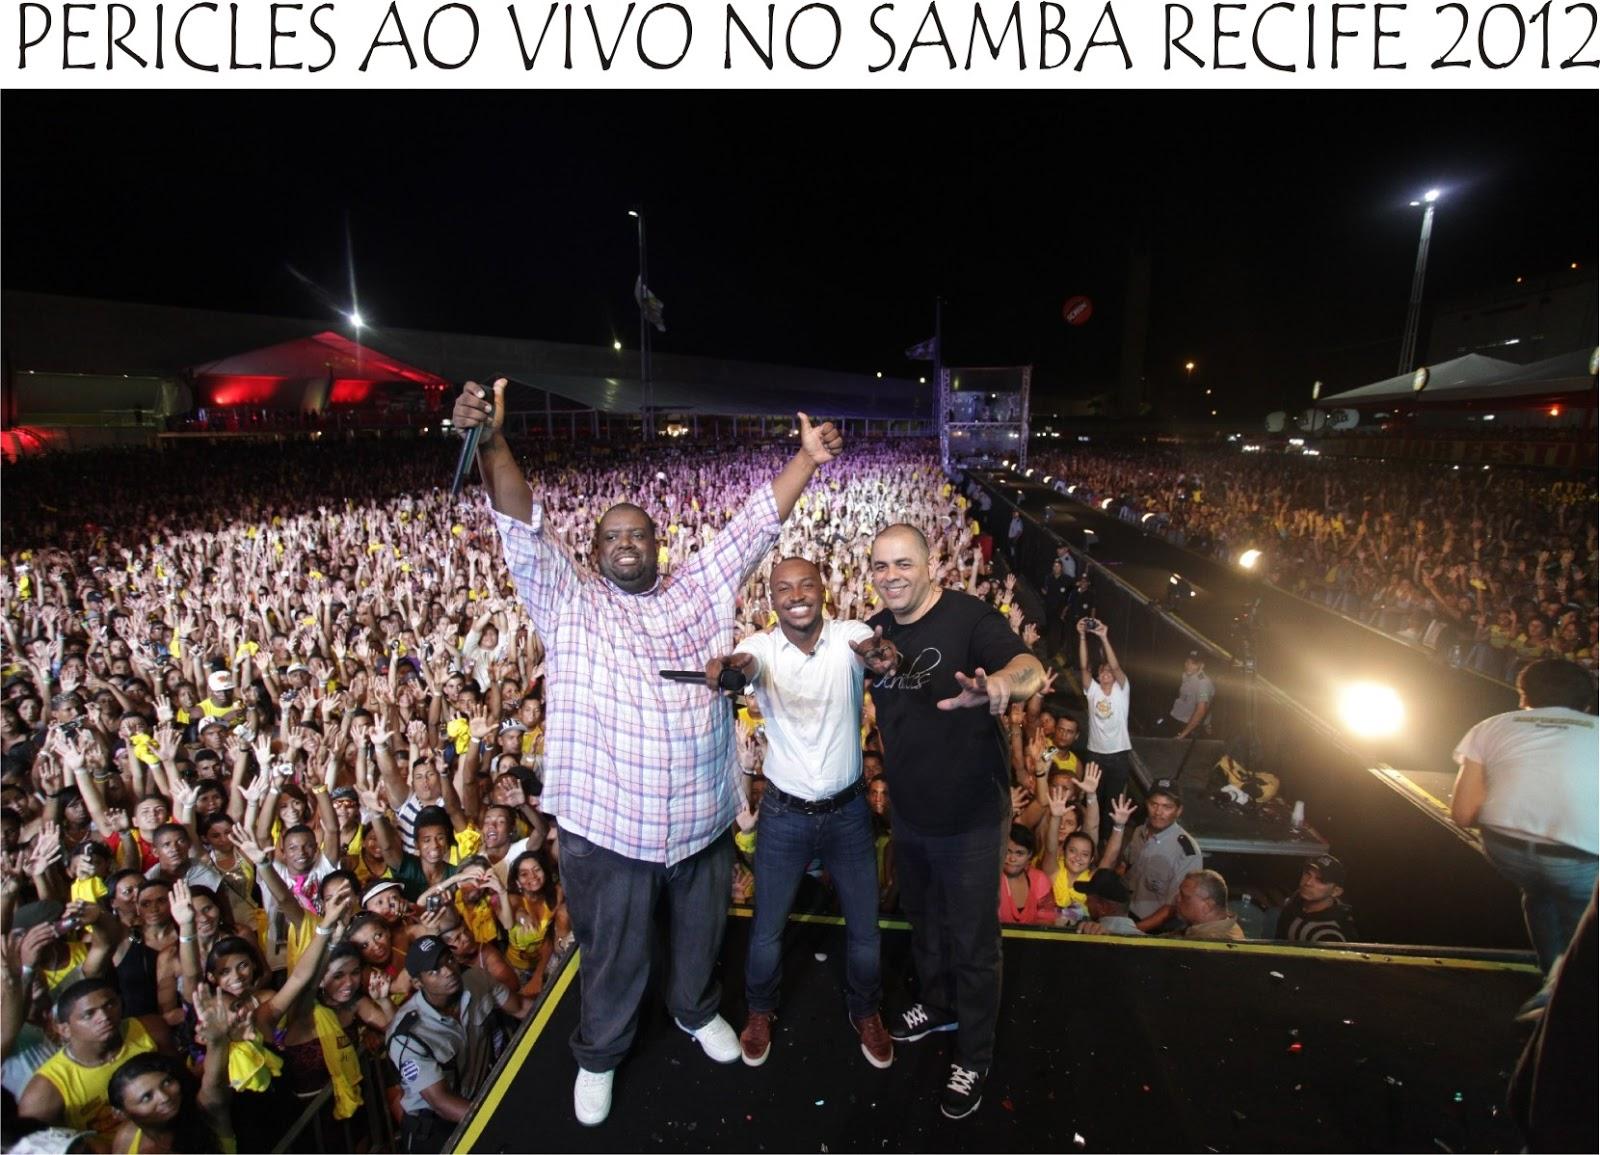 cd de sorriso maroto no samba recife 2012